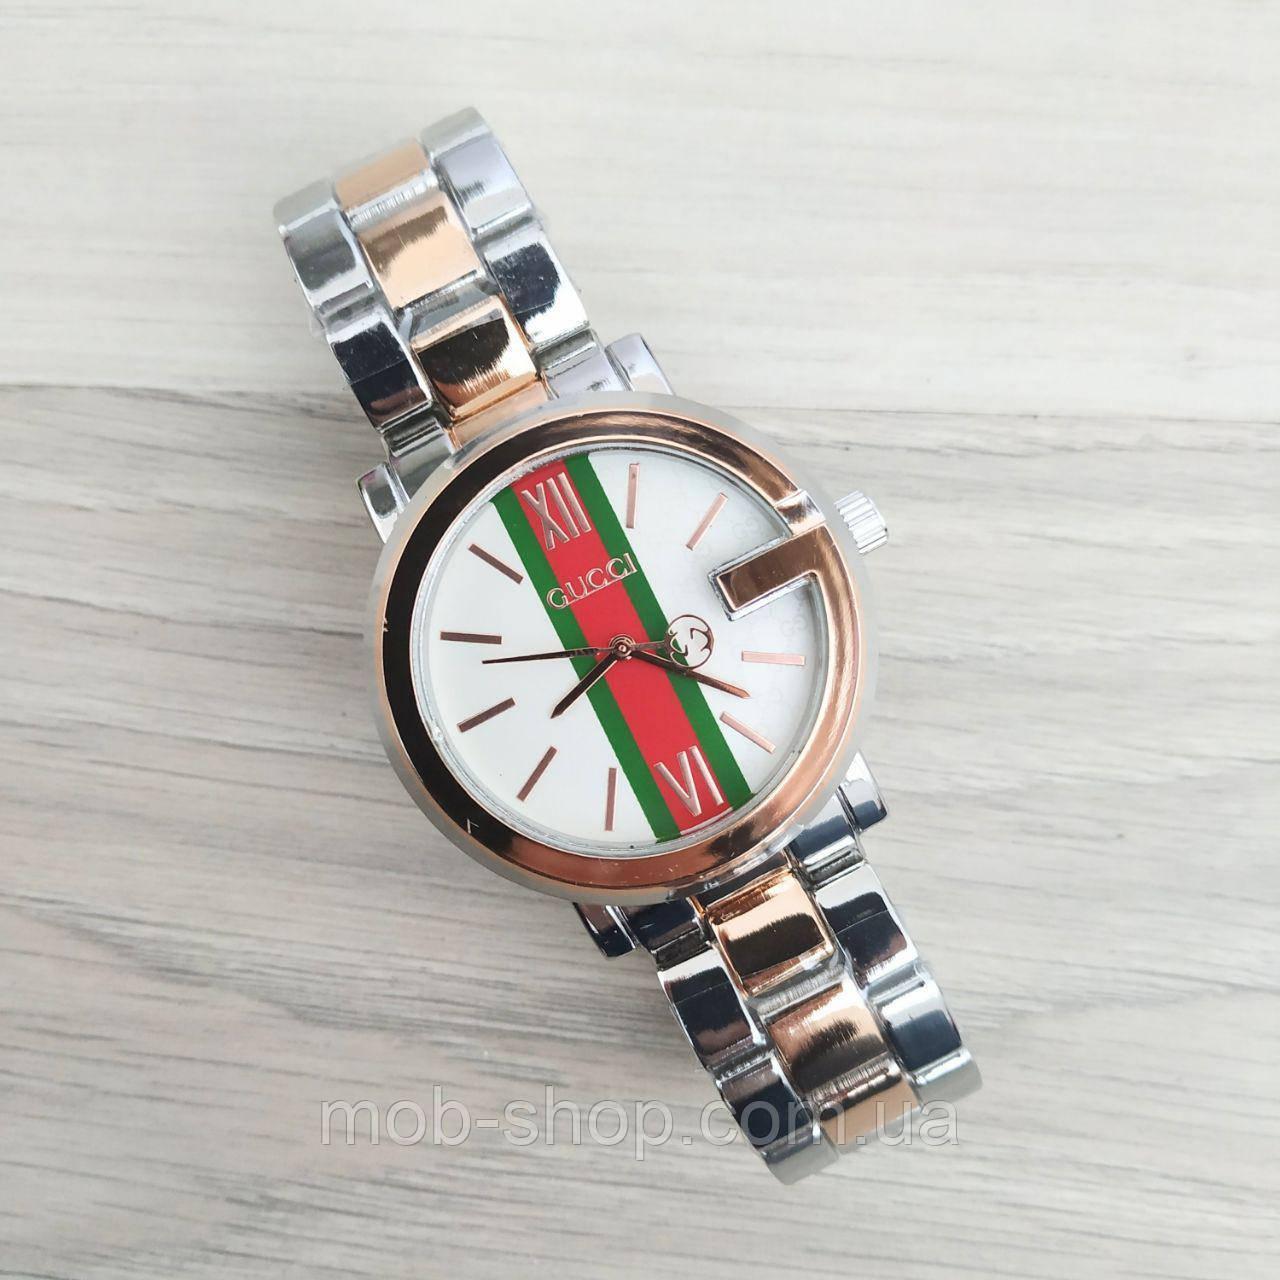 Наручные часы Gucci SKPAN